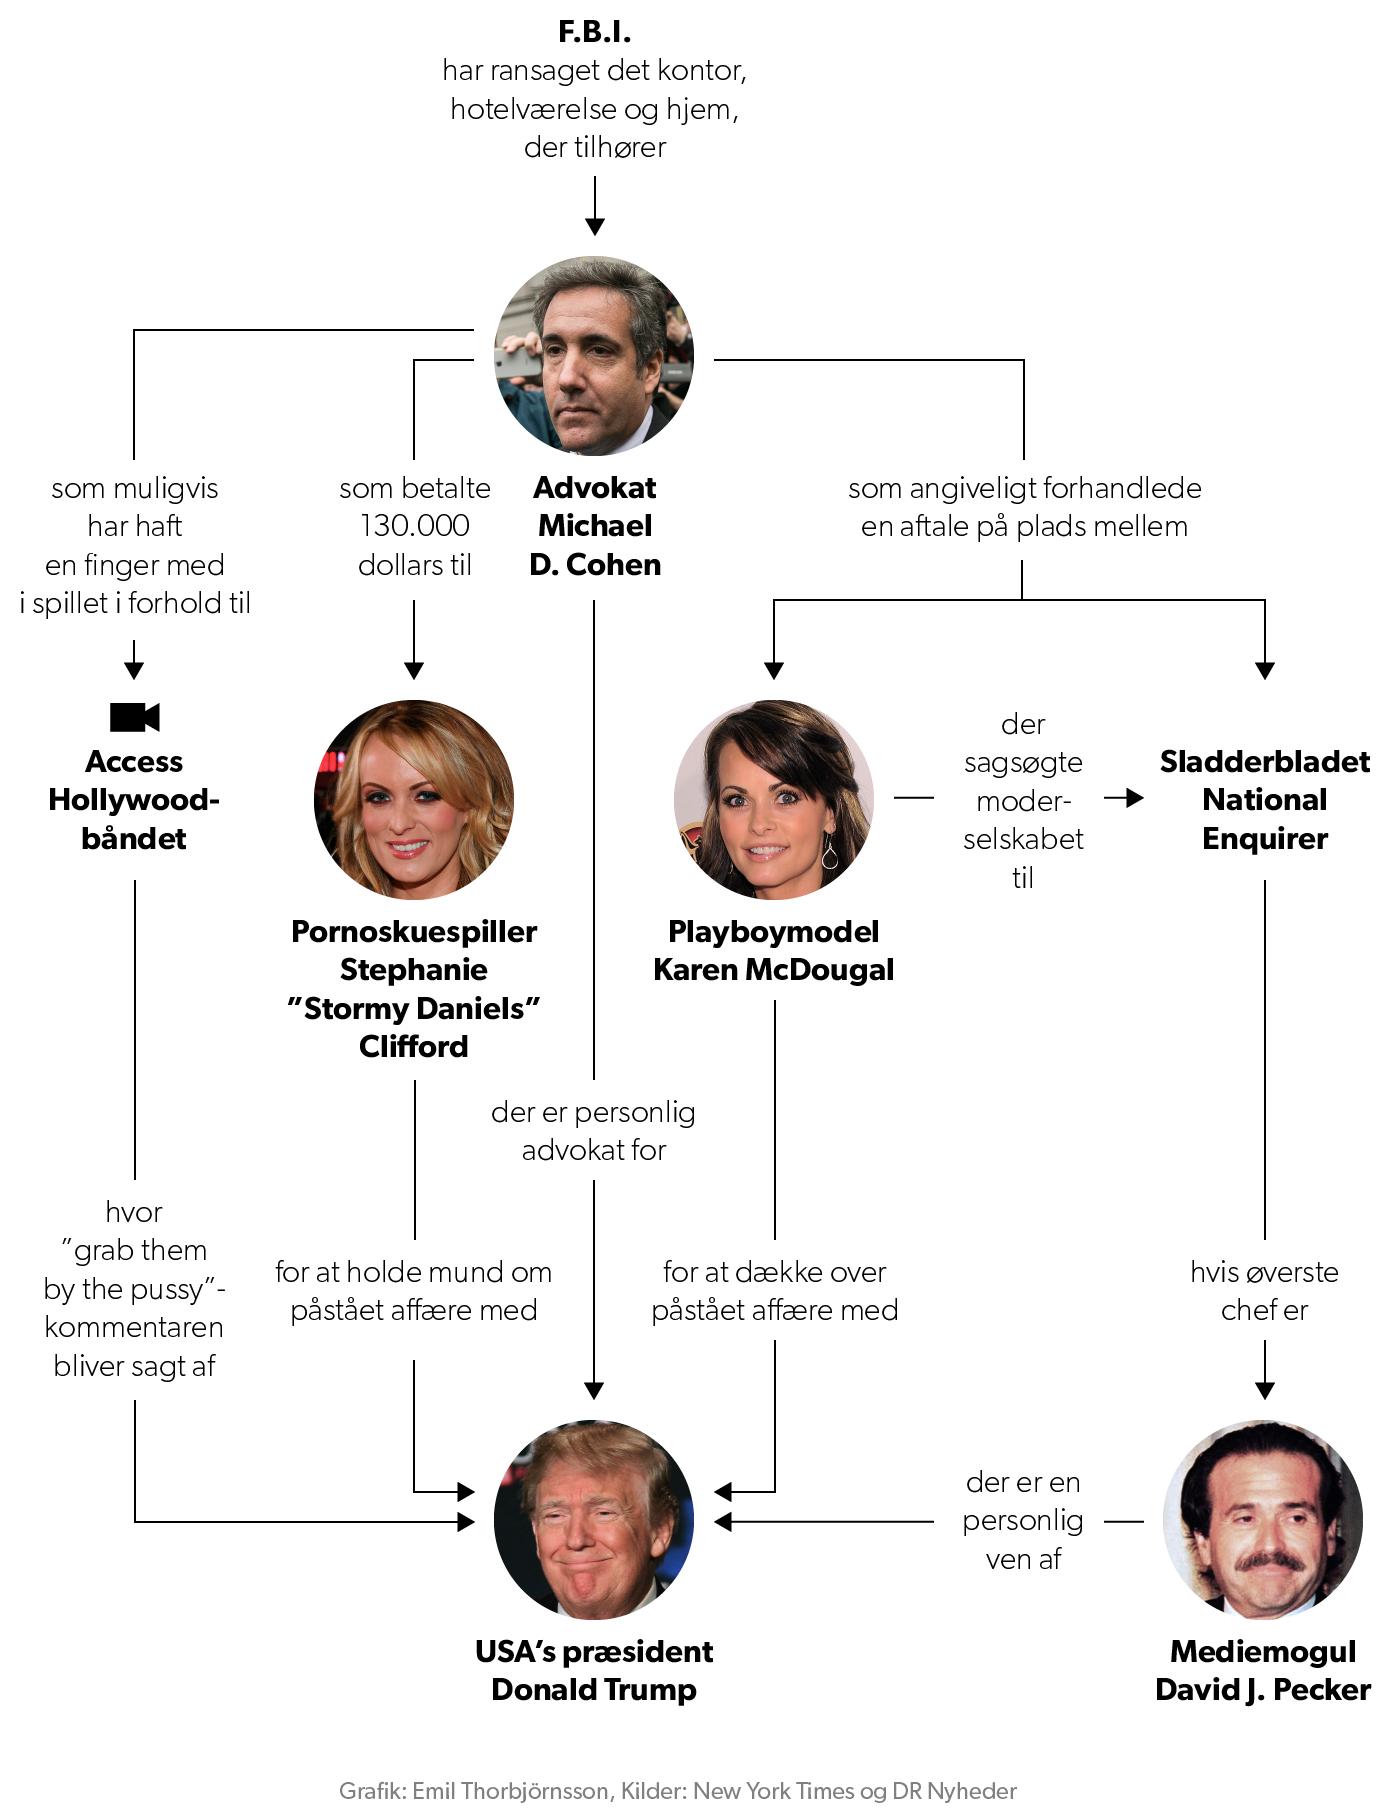 Sådan er Michael Cohen, Stormy Daniels og Donald Trump forbundet.